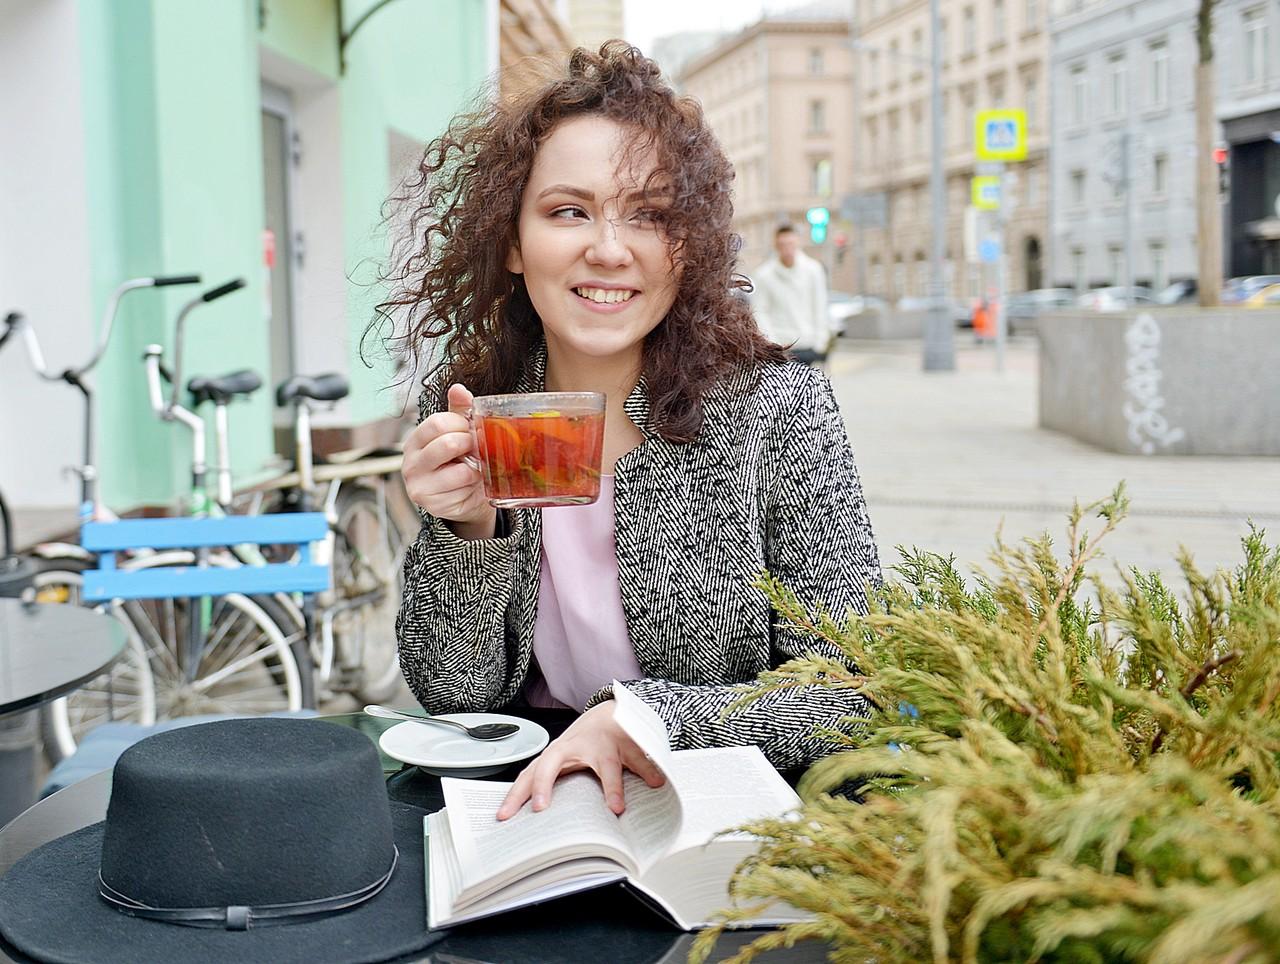 Рестораторов Москвы попросили закрыть летние веранды из-за грозы